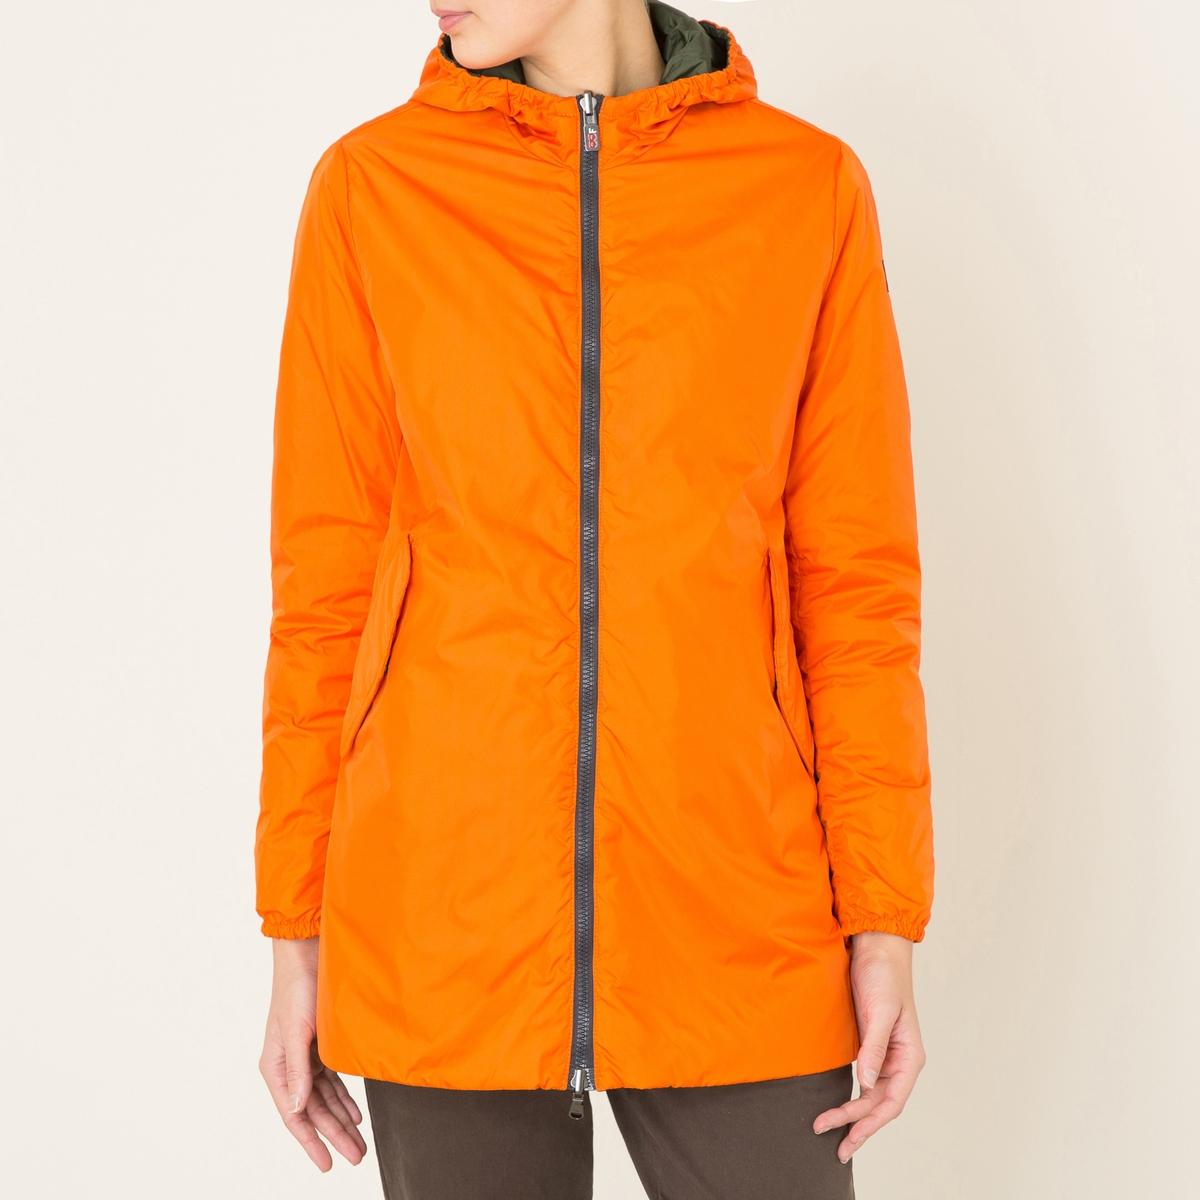 Куртка женская средней длиныСостав и описание Материал : 100% полиамидПодкладка из 100% полиамида Наполнитель 60 грамм, 100% полиэстерМарка : OOF<br><br>Цвет: оранжевый / хаки средний